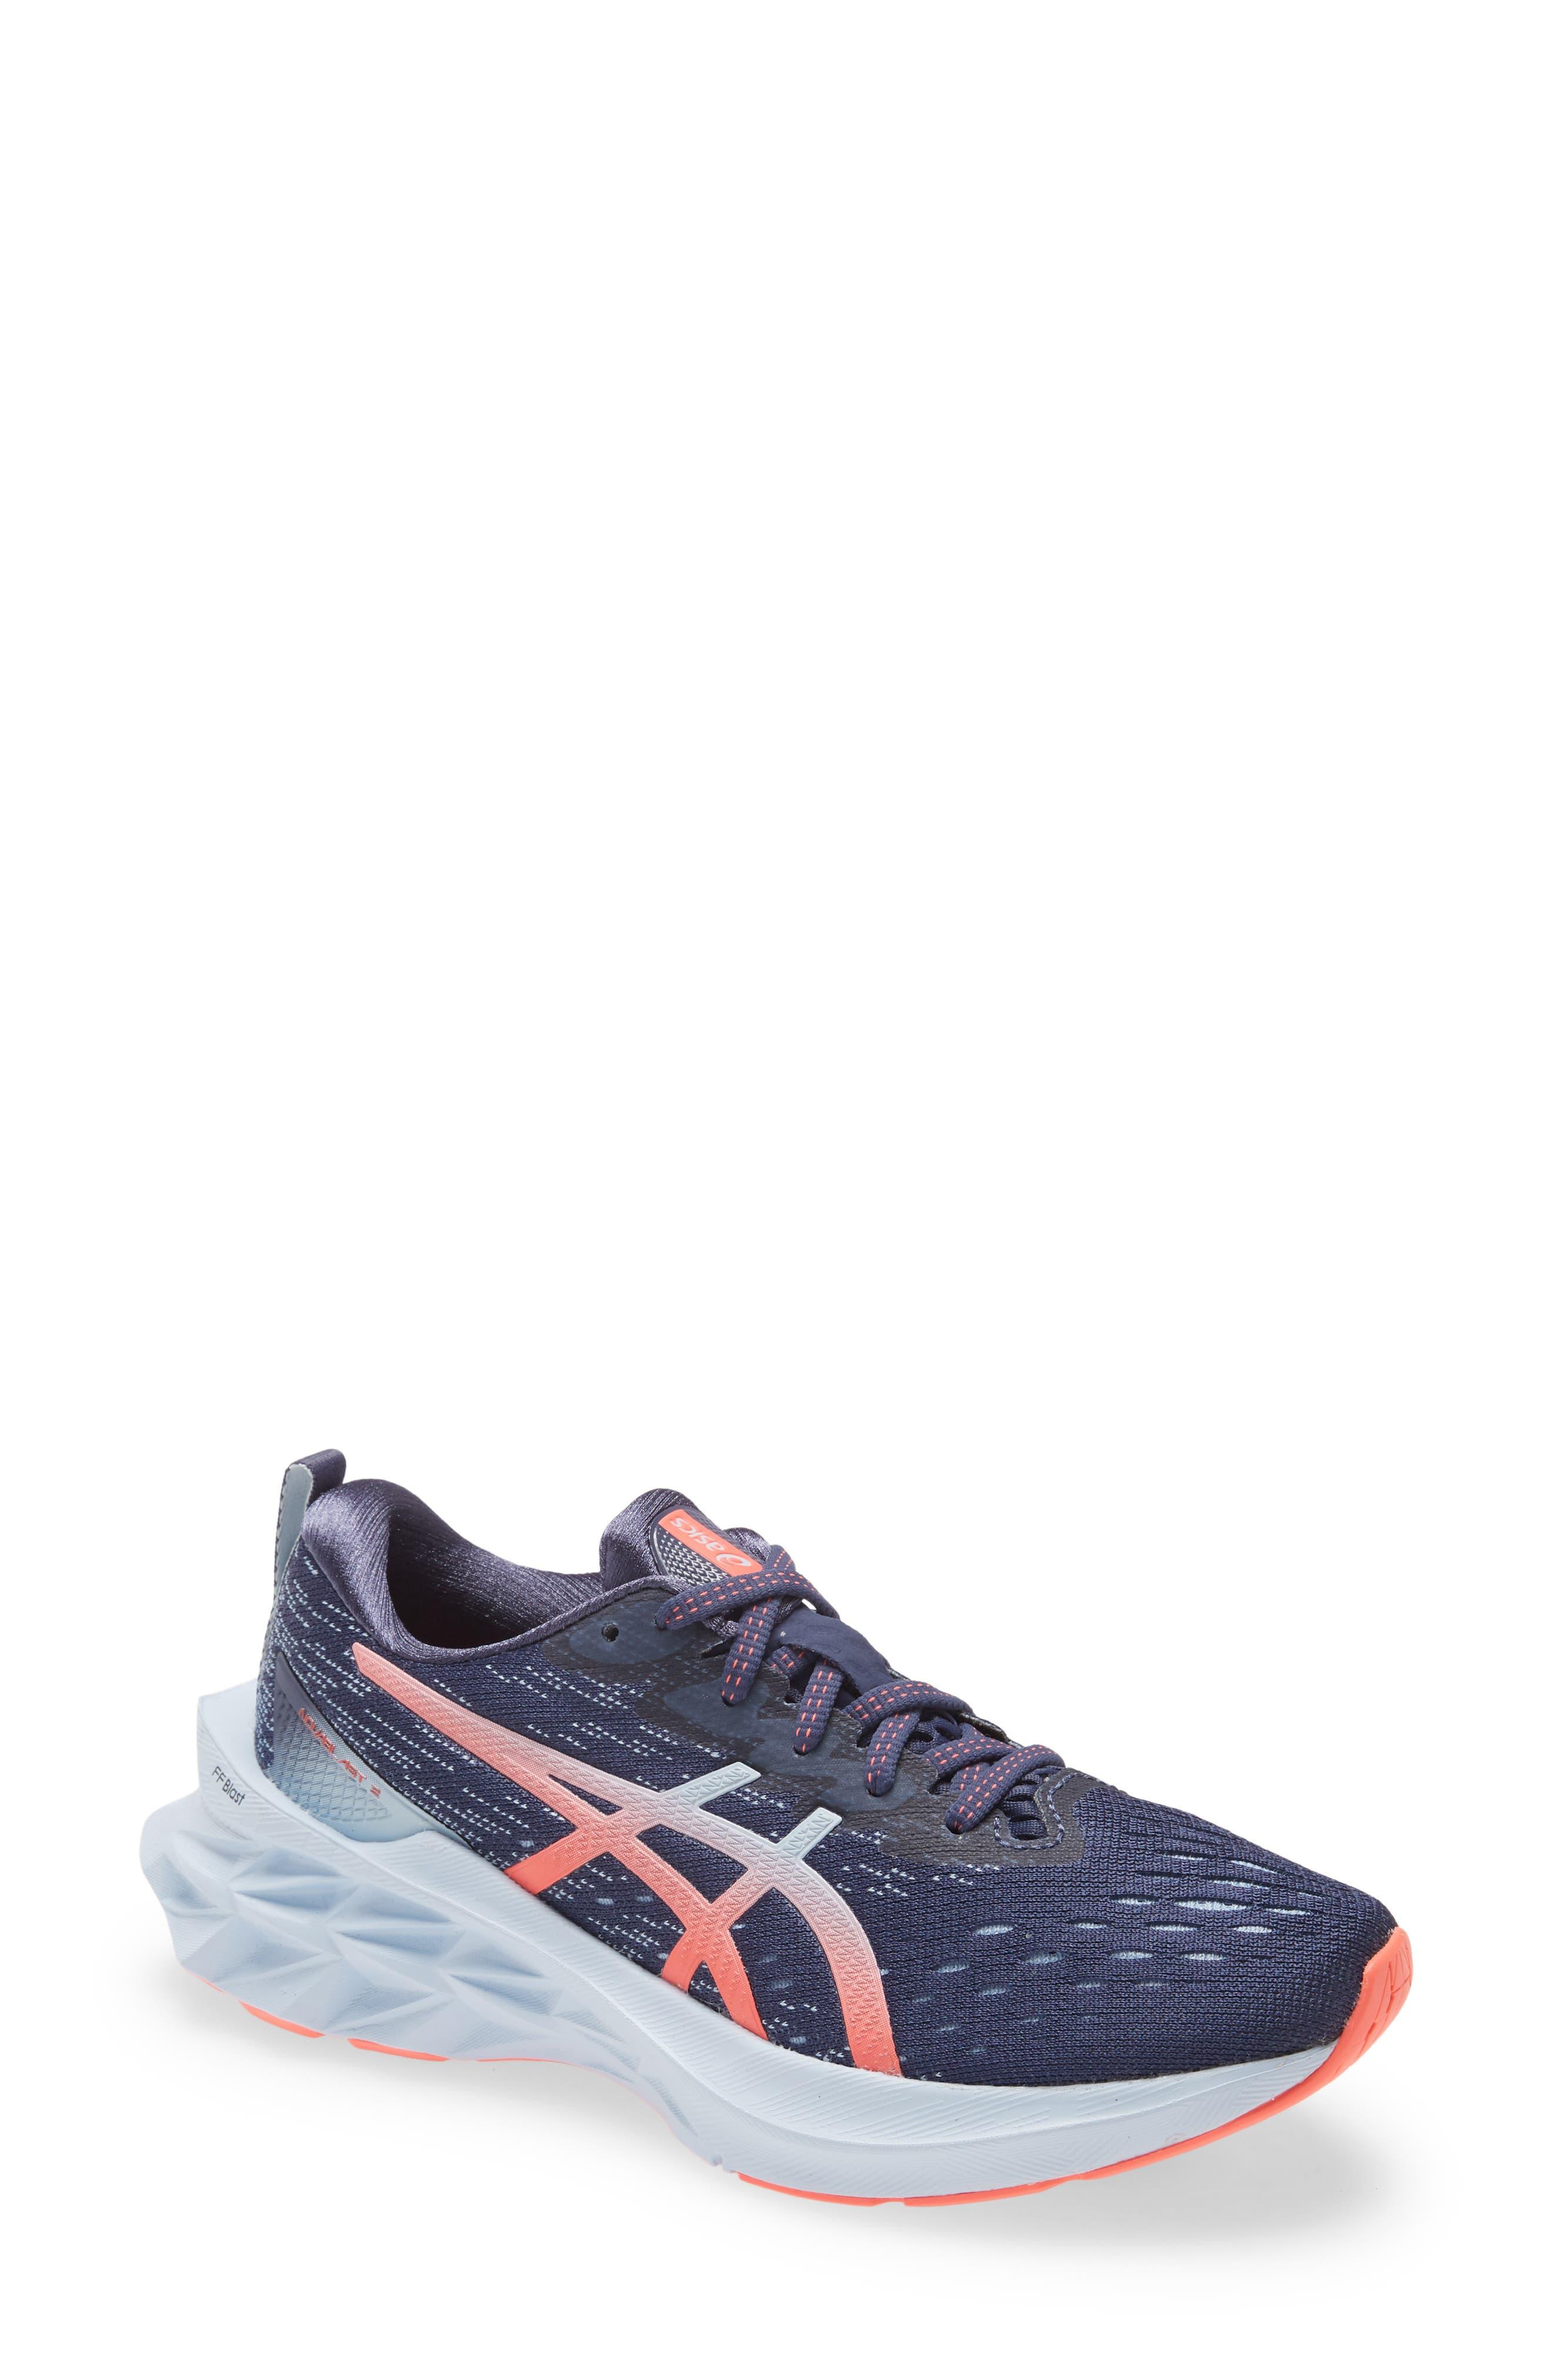 Women's Asics Novablast 2 Running Shoe